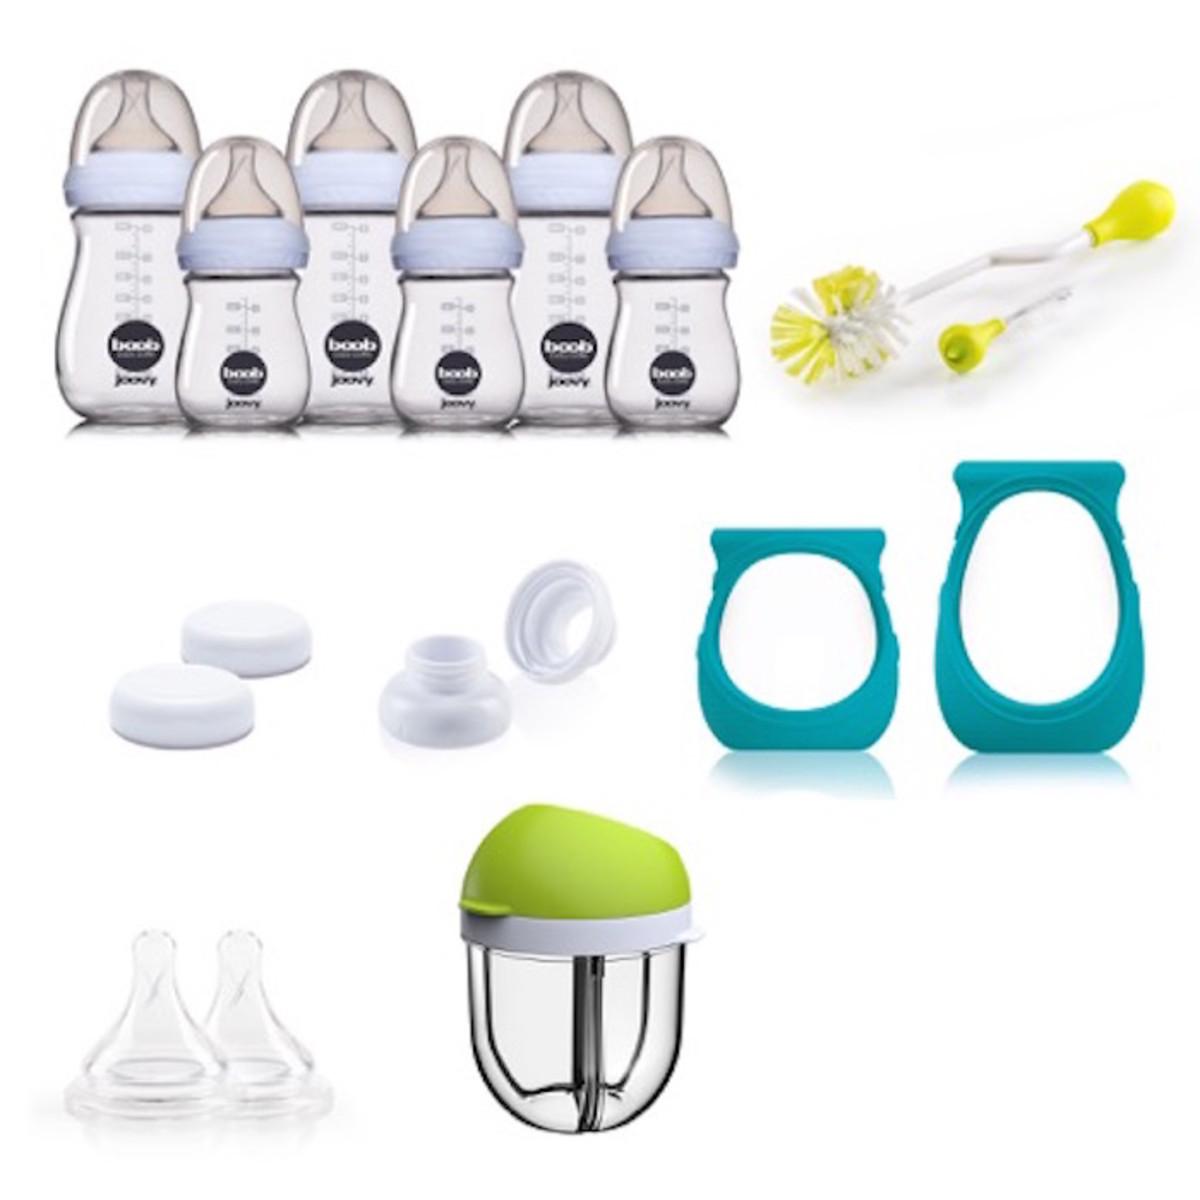 momtrends-ultimate-baby-shower-joovy-bottle-gift-set